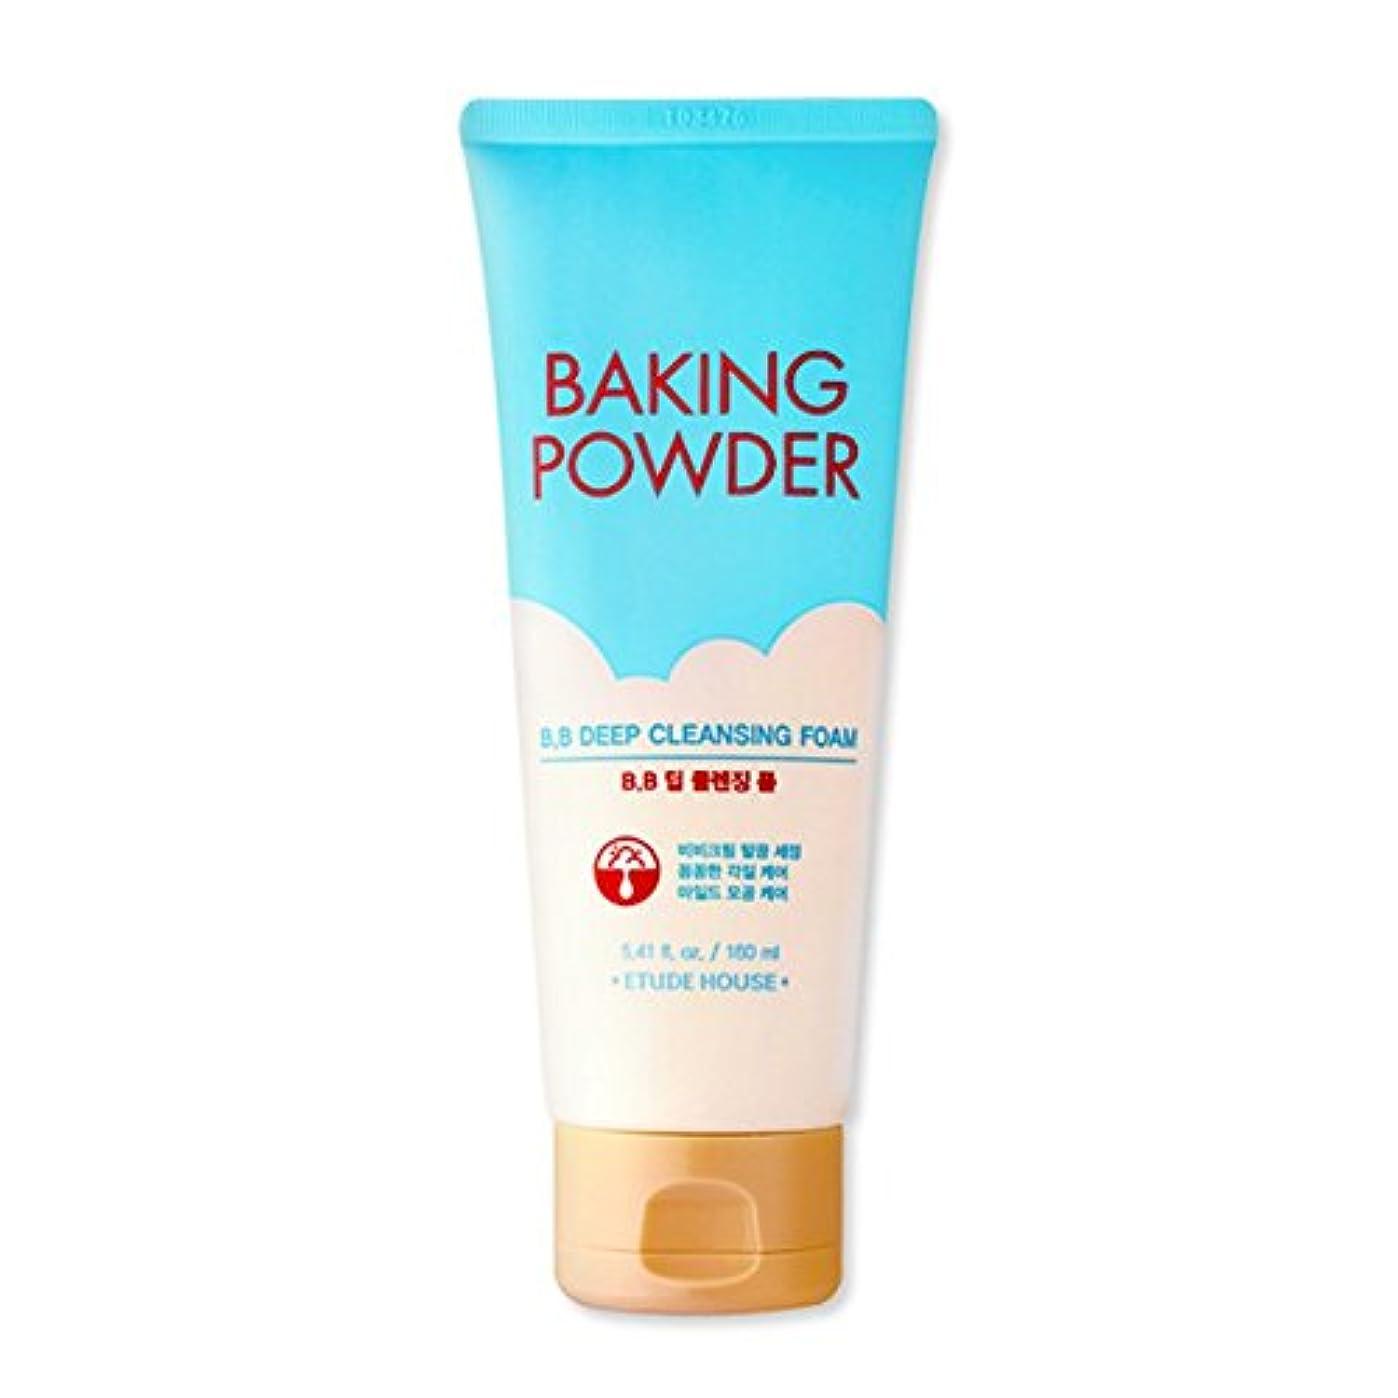 既婚シャッタームスタチオ[2016 Upgrade!] ETUDE HOUSE Baking Powder B.B Deep Cleansing Foam 160ml/エチュードハウス ベーキング パウダー B.B ディープ クレンジング フォーム...